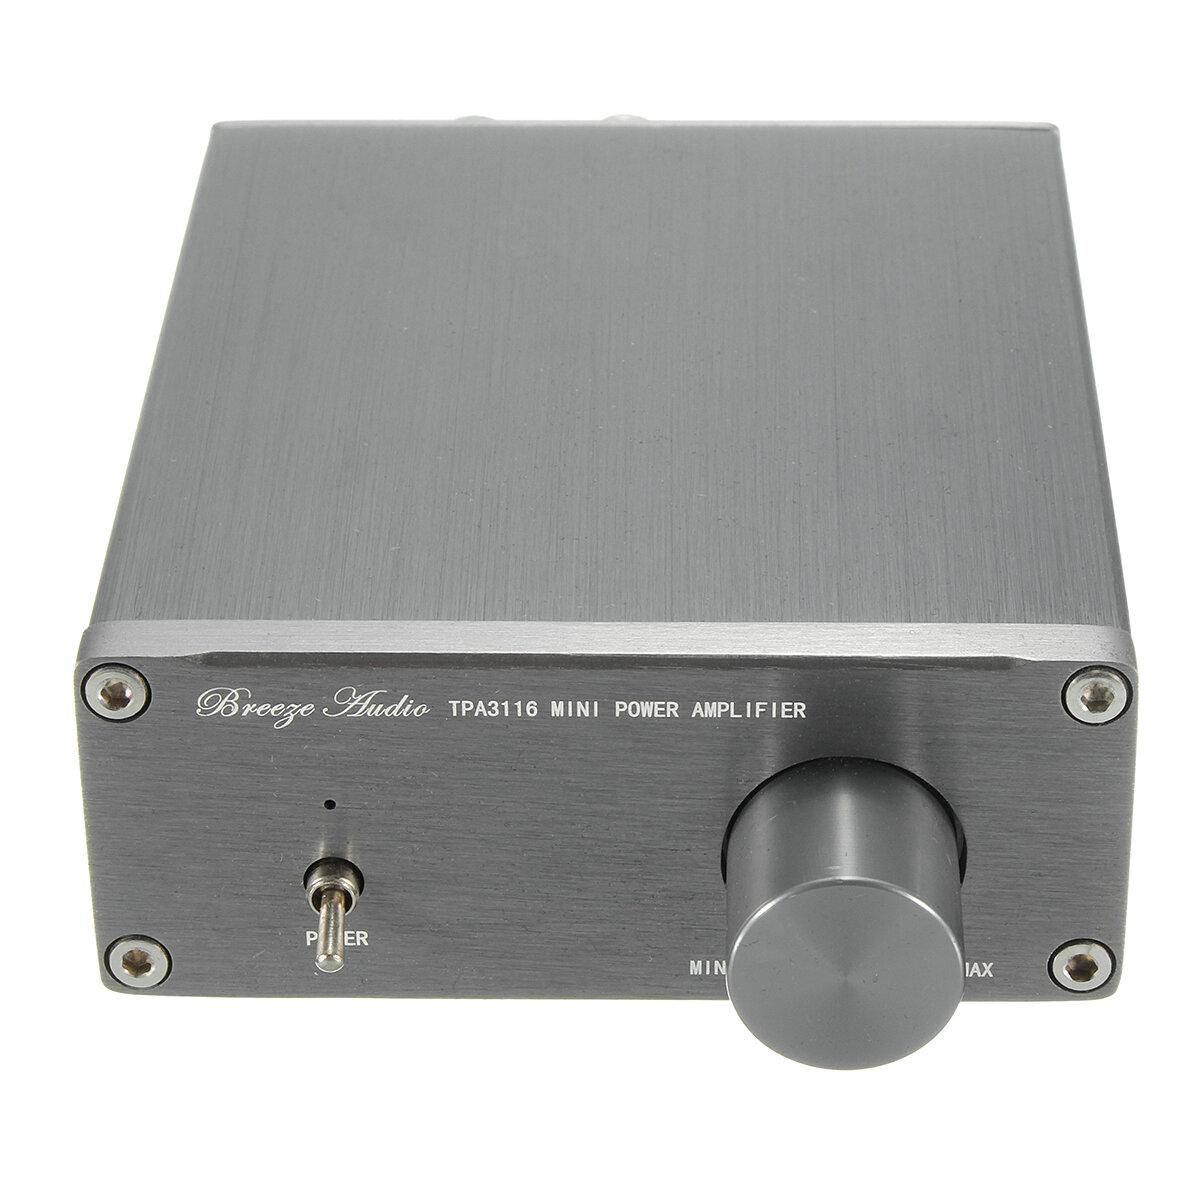 Breeze Audio TPA3116 HIFI Classe 2.0 Amplificateur Numérique Stéréo Avancé 50W + 50W